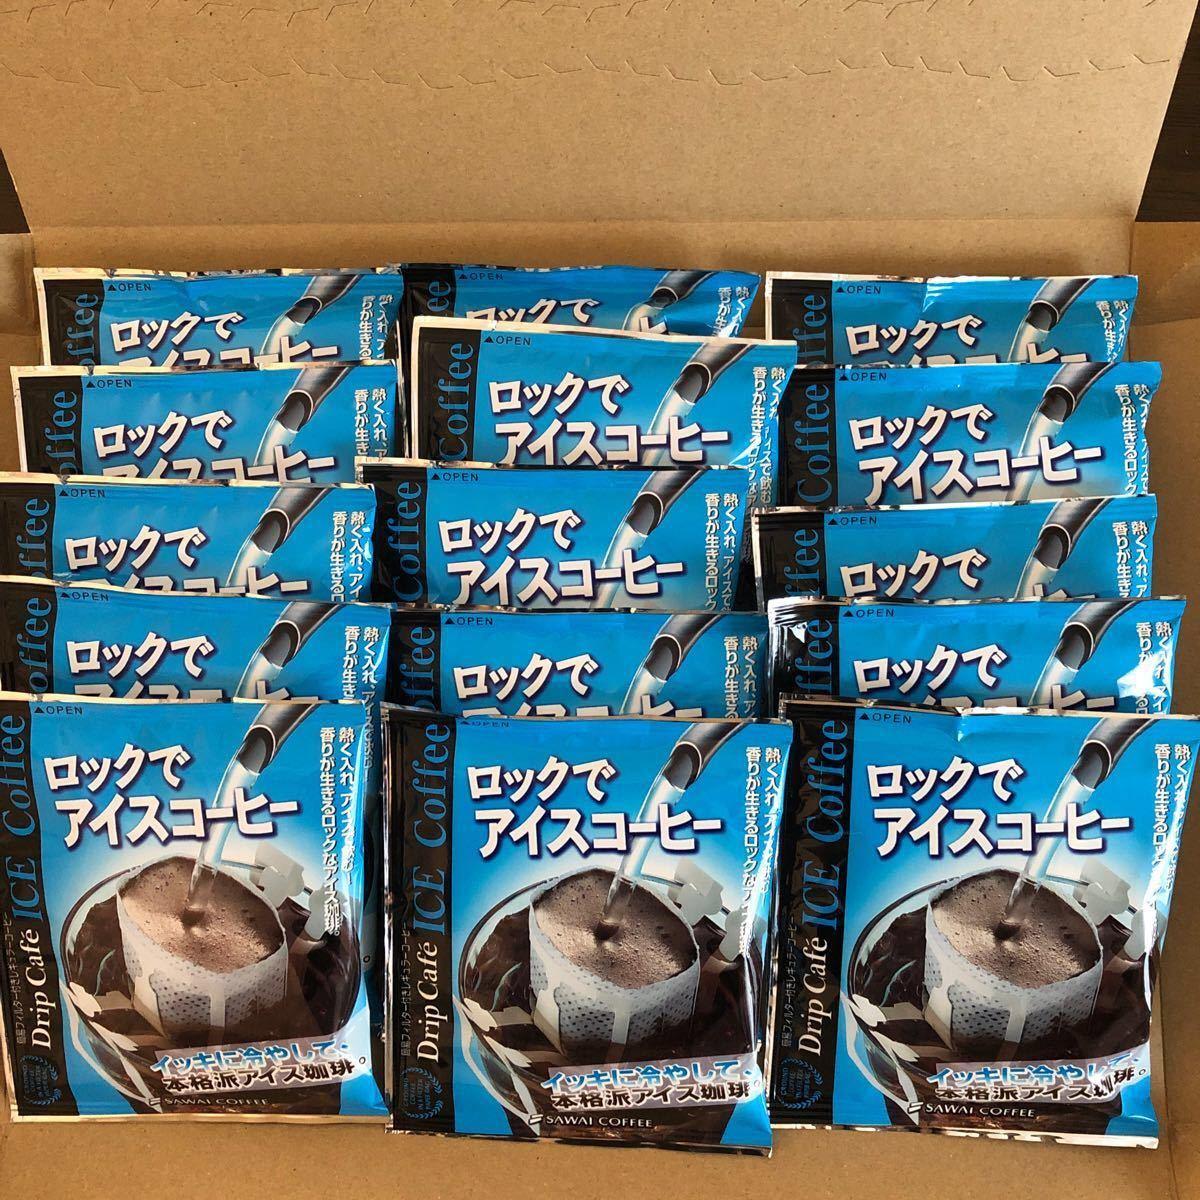 澤井珈琲 澤井コーヒー 本格派アイスコーヒードリップカフェ ドリップバッグコーヒー